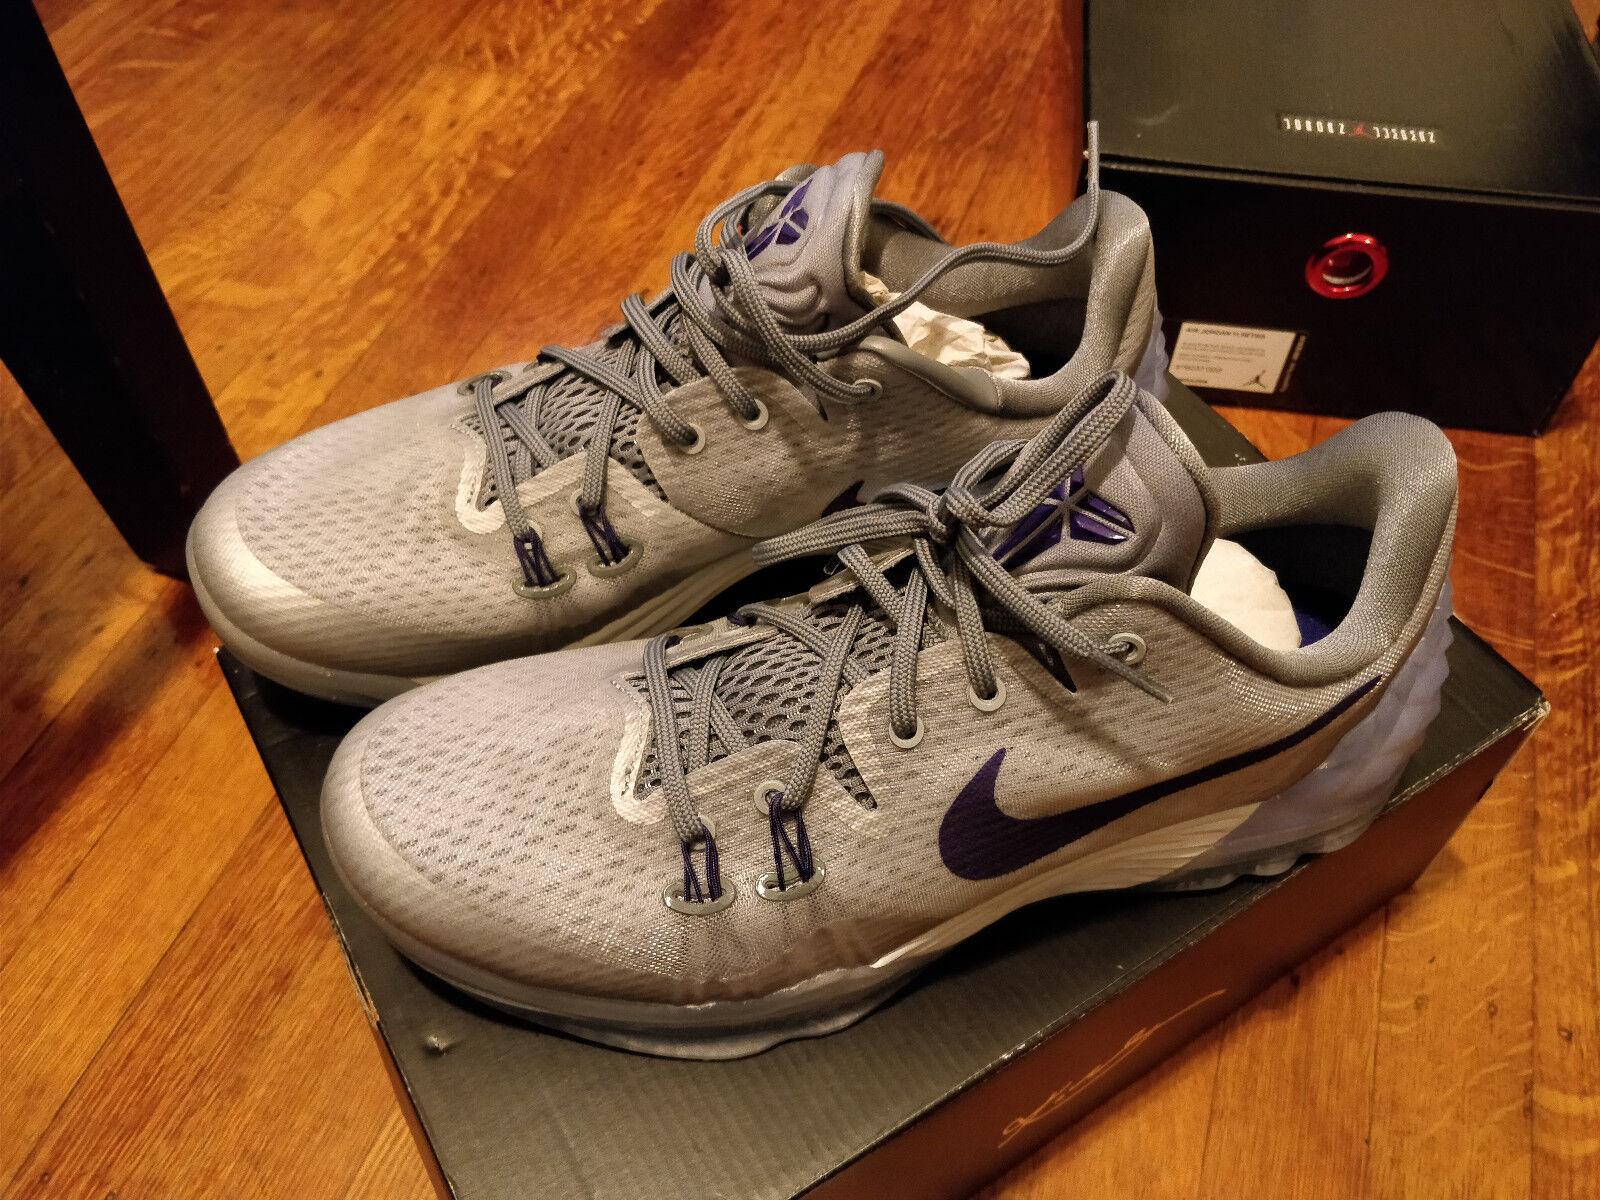 Nike Zoom Kobe Venomenom 5 Wolf Grey Court Purple Grey Shoes 749884-050 SIZE 10